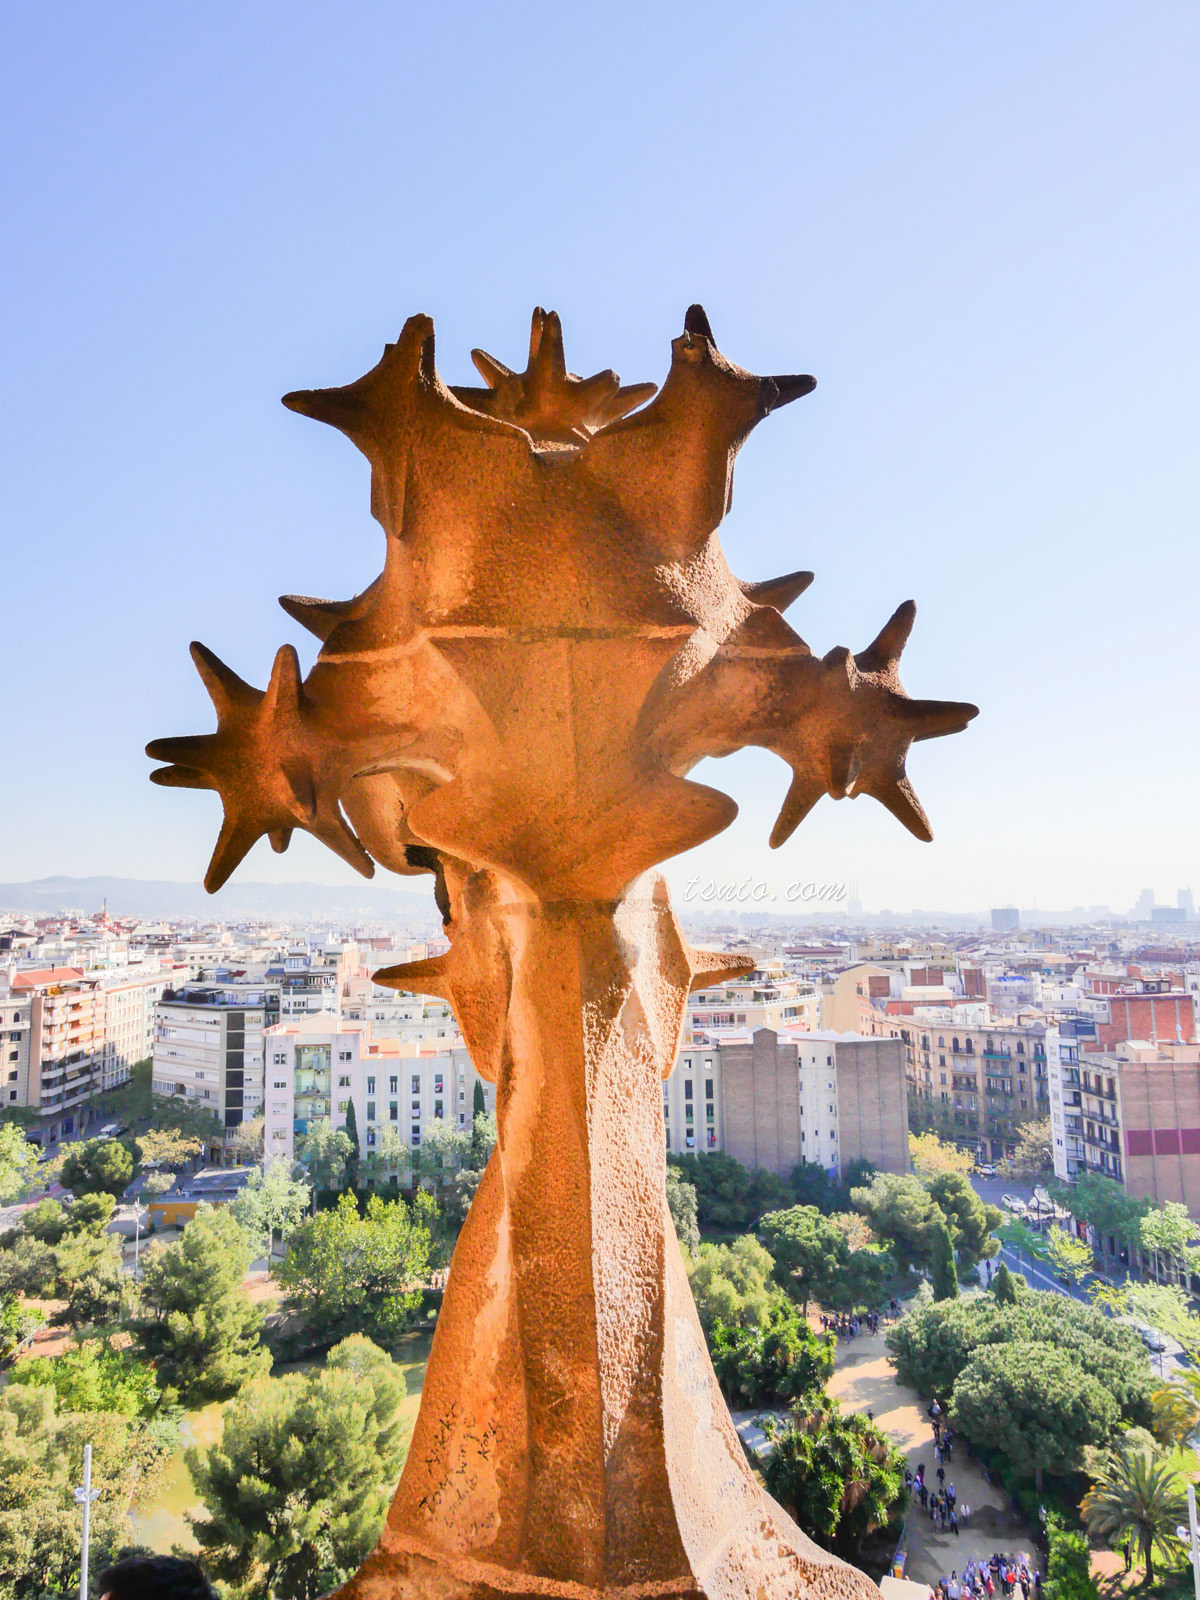 西班牙巴塞隆納景點 聖家堂 La Sagrada Familia 經典高第建築設計